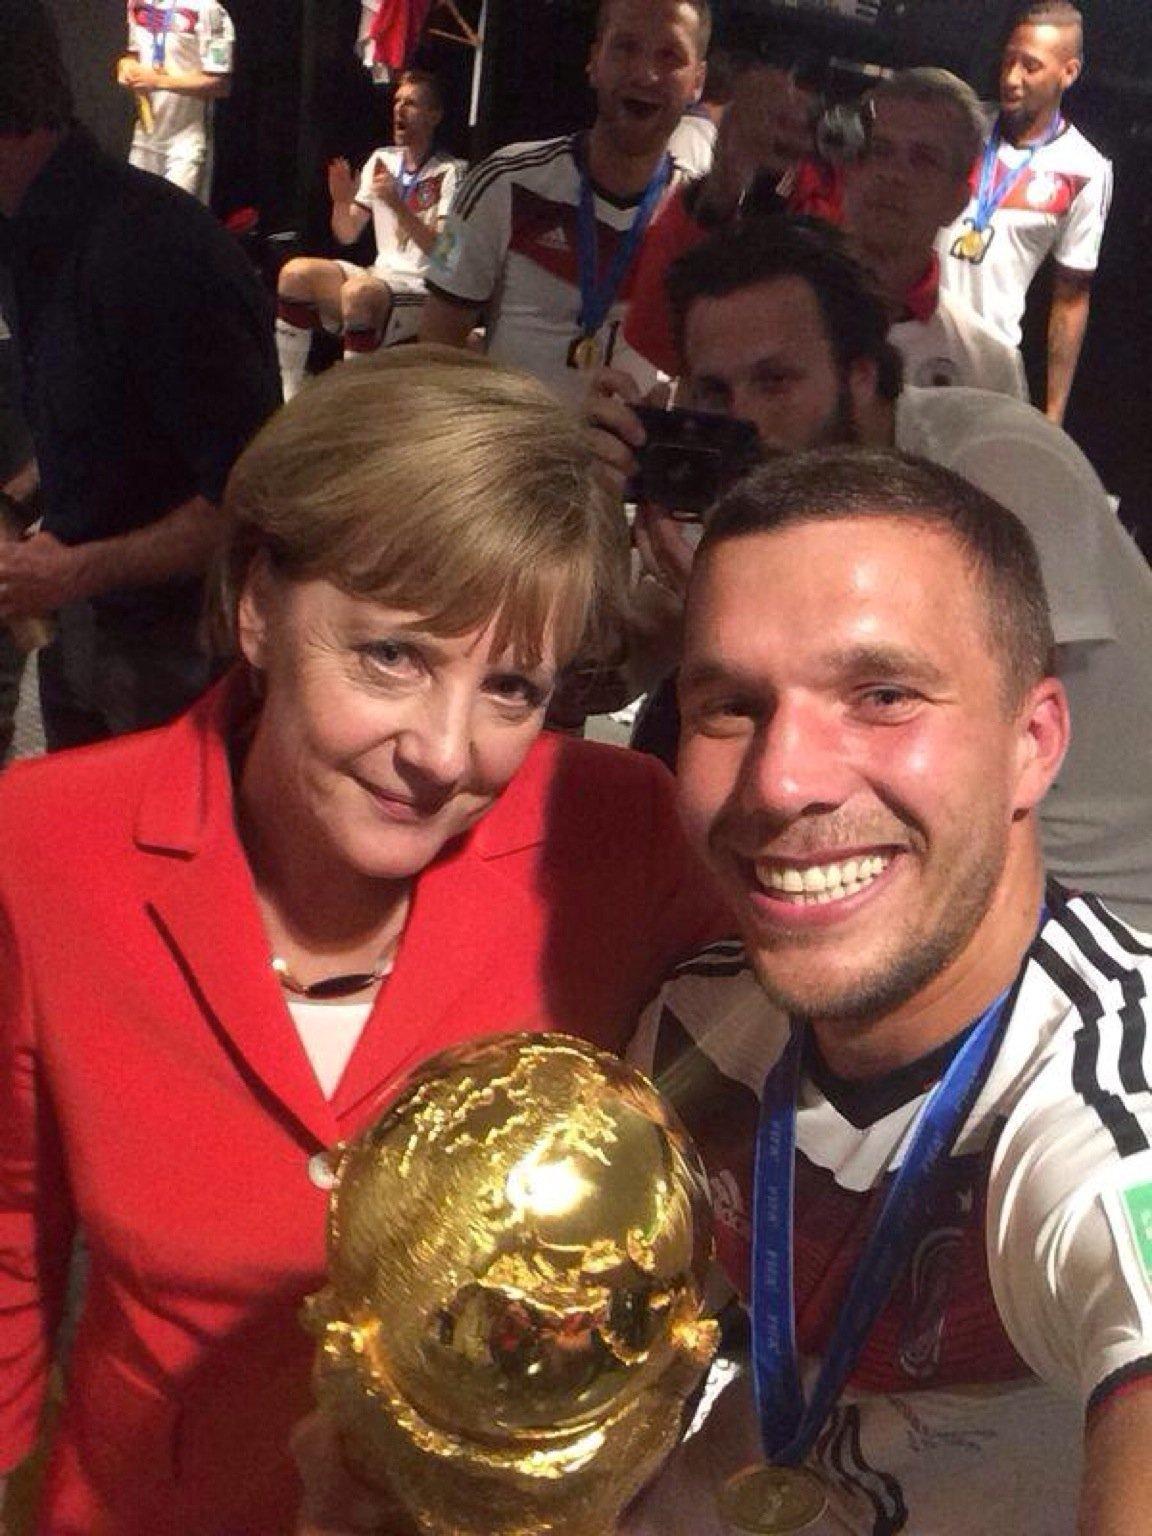 Selfie von Nationalspieler Lukas Podolski und Bundeskanzlerin Angela Merkel direkt aus der Kabine der Fußballnationalmannschaft in Brasilien. Das Bild hat Podolski auf seinem Twitter-Account veröffentlicht.